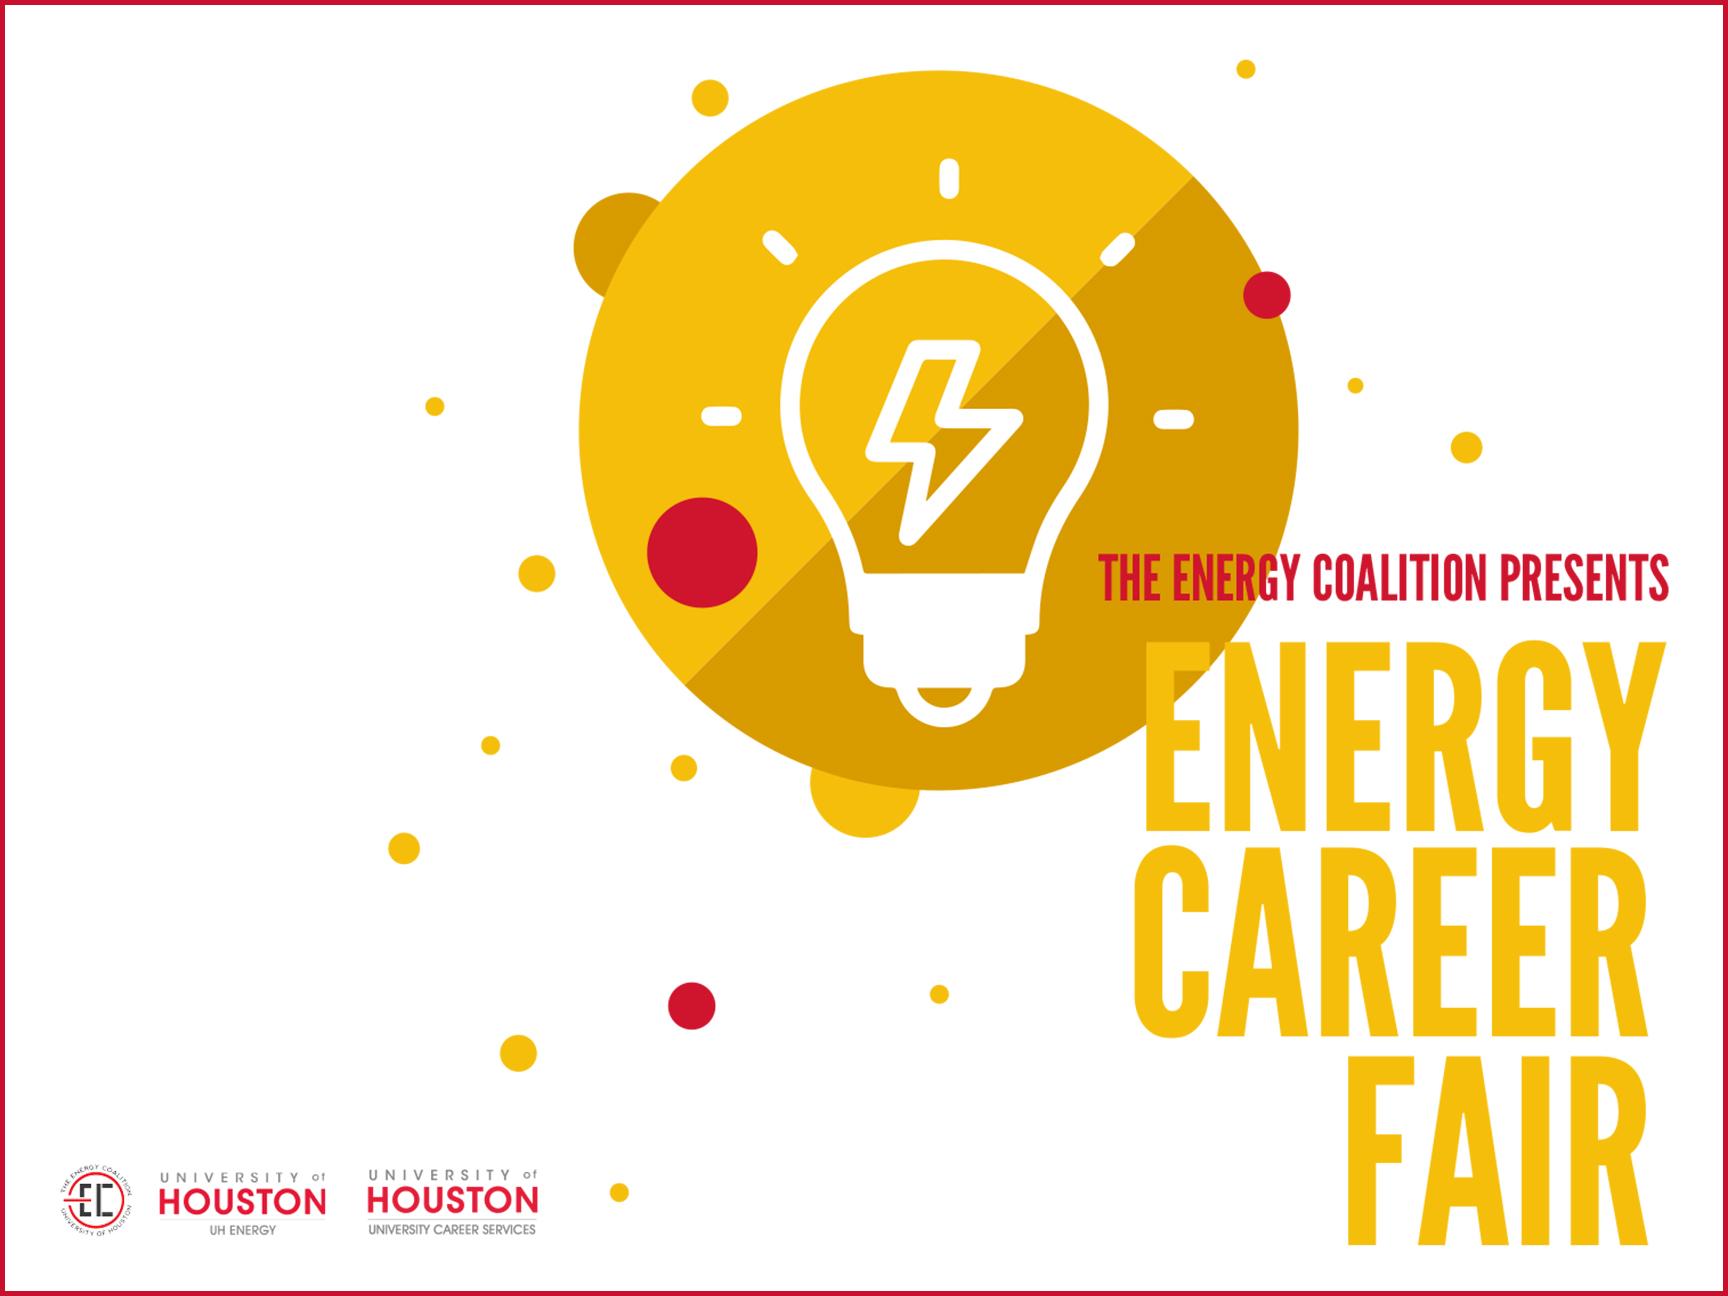 2020 Energy Career Fair Image